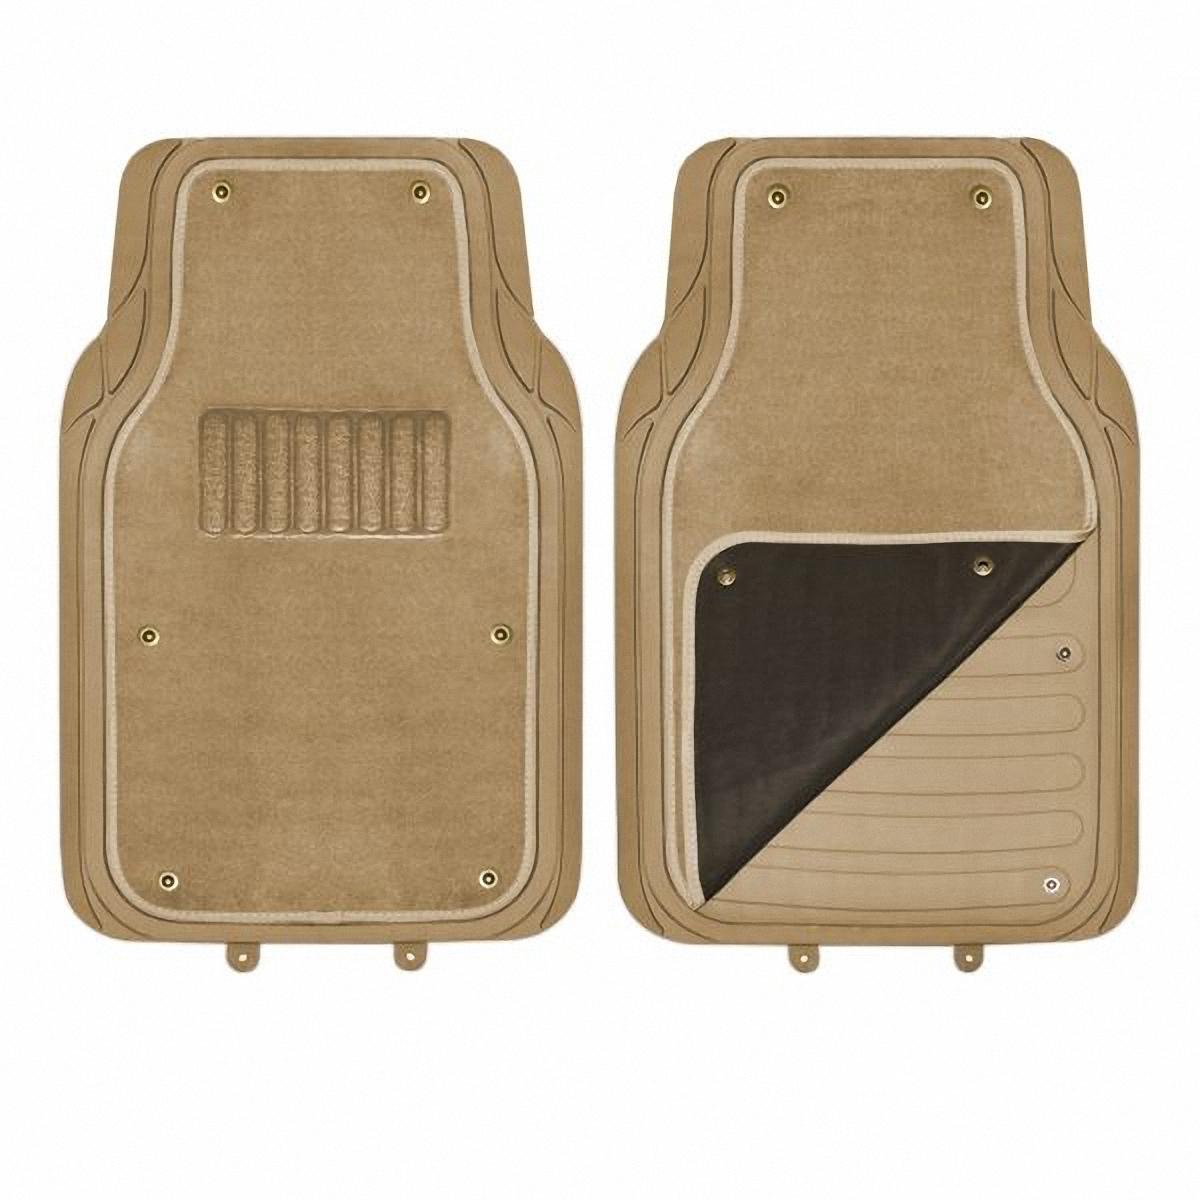 Коврик в салон передний Skyway. TS2212P-S-2F BE/S01701023VT-1520(SR)Коврик салона передний 2 предмета SKYWAY Полиуретановый со съемным ковролином. Бежевый (размер: 71*45 см) TS2212P-S-2F BE/S01701023. Комплект универсальных передних ковриков салона.Особенности:Коврики сохраняют эластичность даже при экстремально низких и высоких температурах (от -50°С до +50°С).Обладают повышенной устойчивостью к износу и агрессивным средам, таким как антигололёдные реагенты, масло и топливо.Усовершенствованная конструкция изделия обеспечивает плотное прилегание и надёжную фиксацию коврика на полу автомобиля.